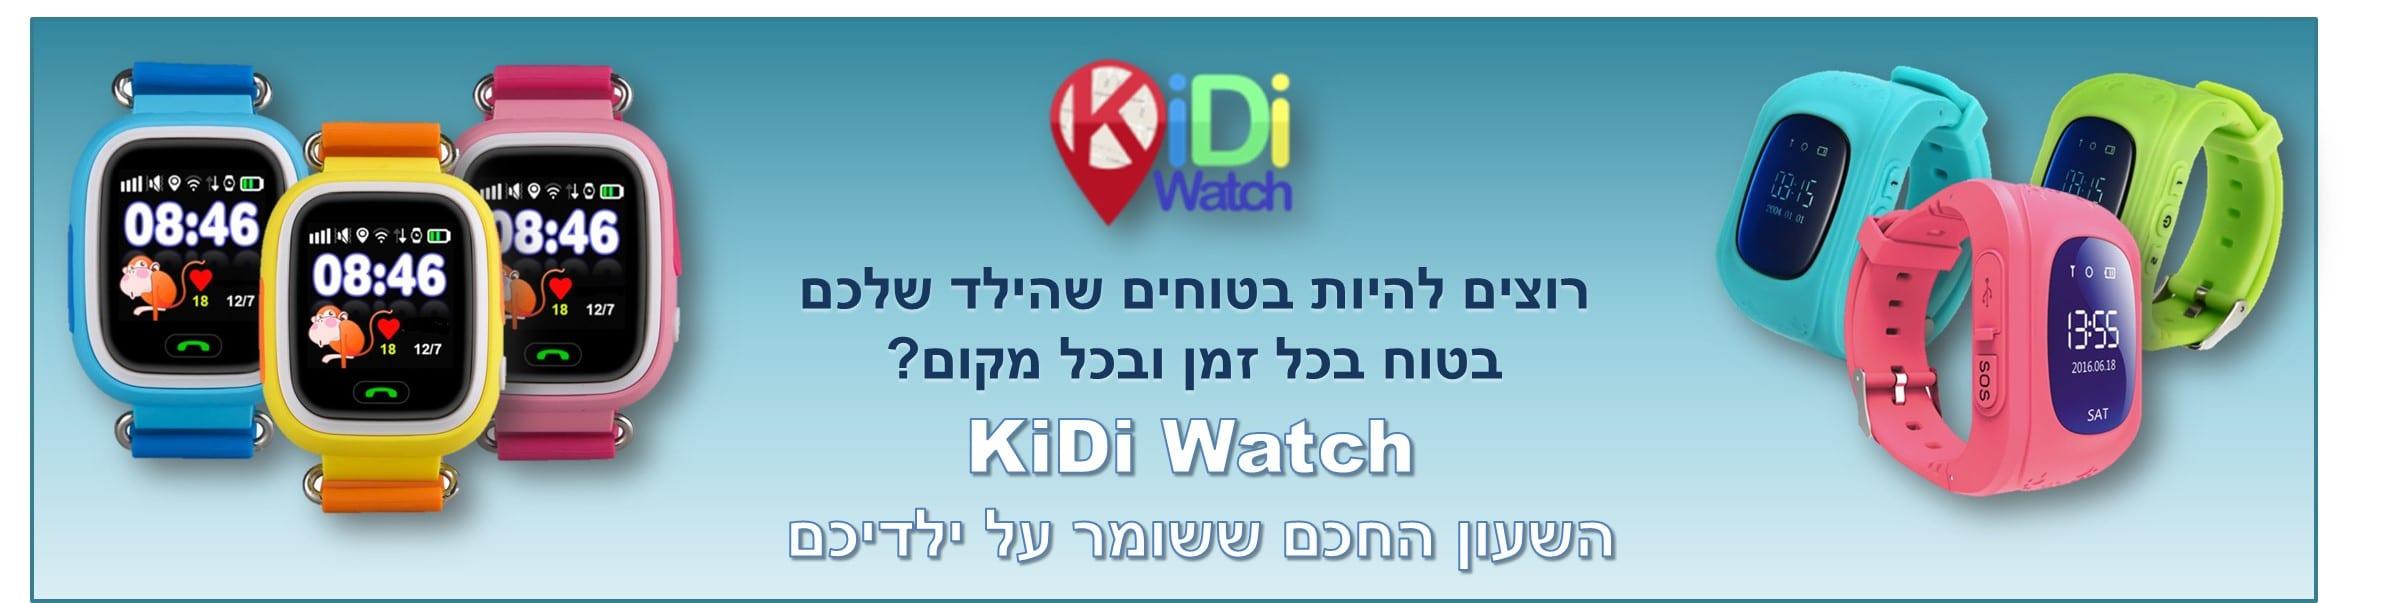 קידיוואצ' שעון חכם